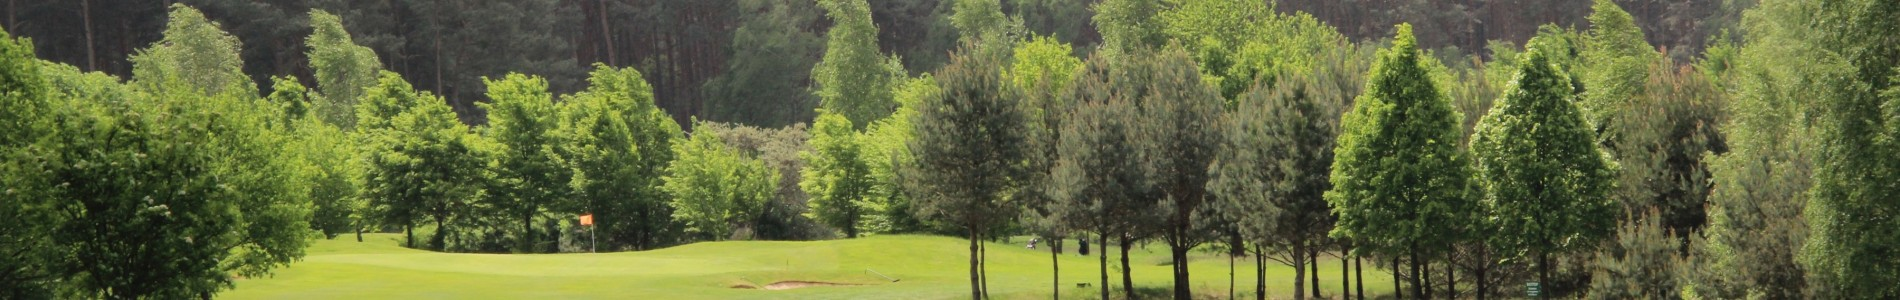 Landschaft mit vielen Bäumen